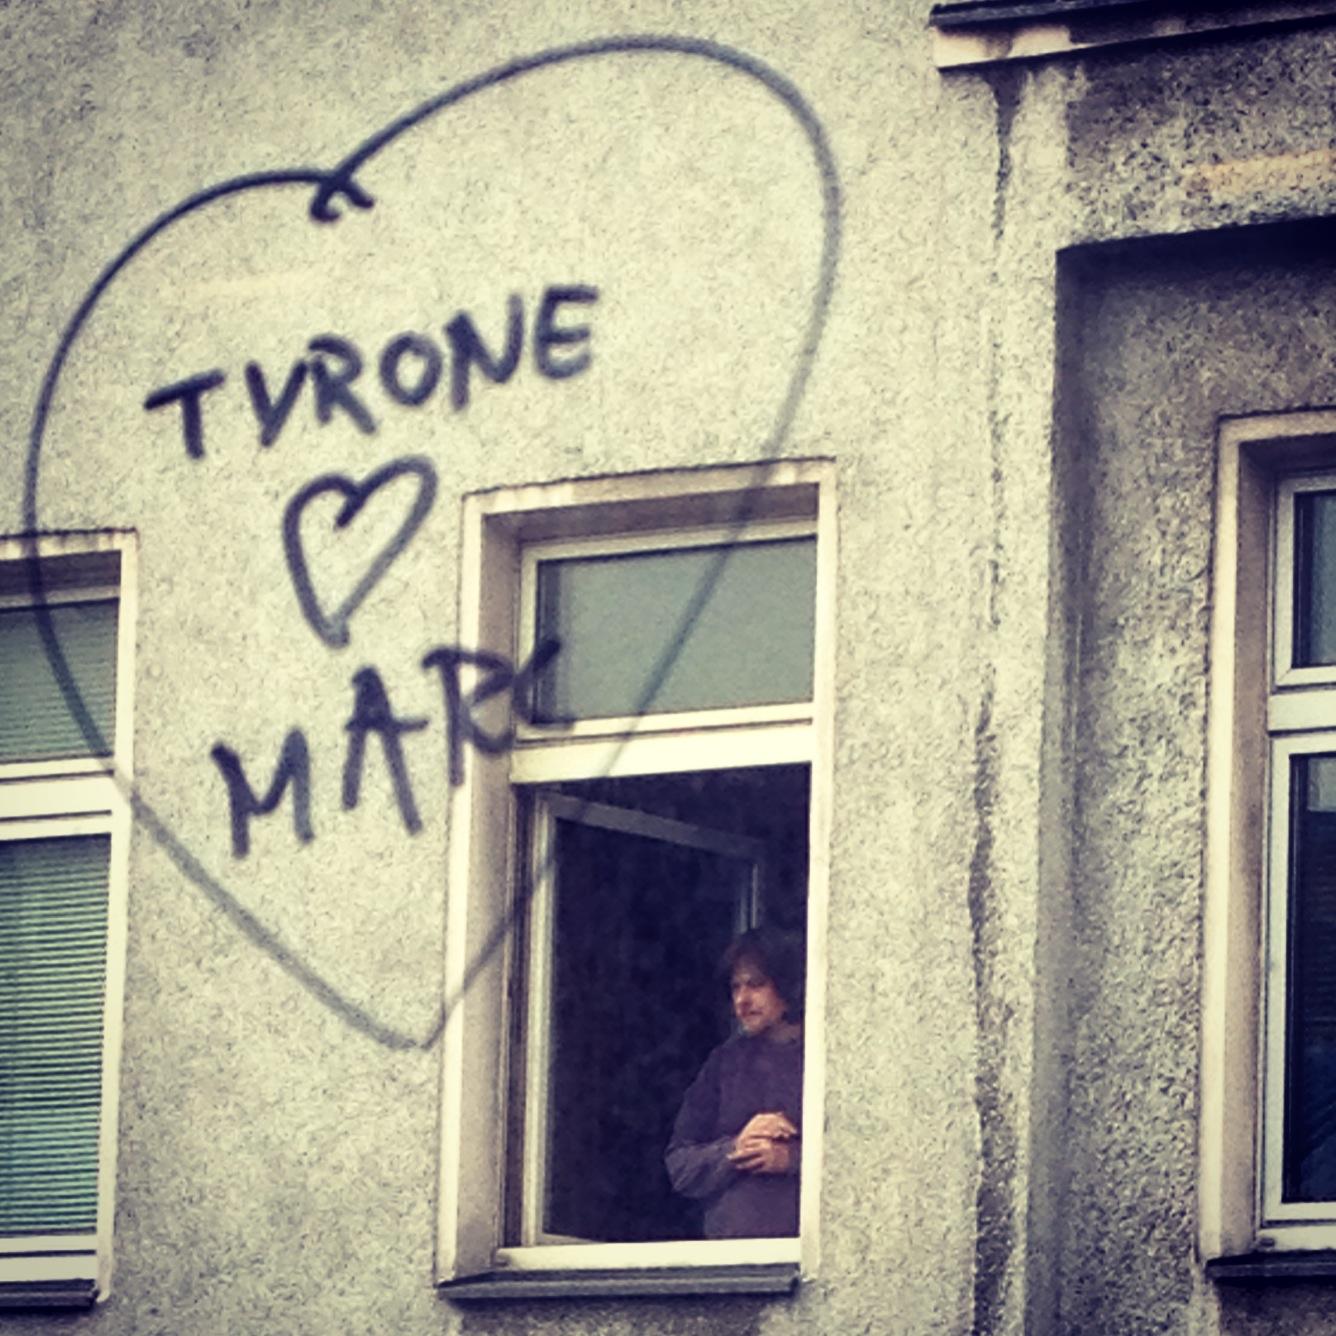 11-berlin-tyrone-hearts-marc.JPG